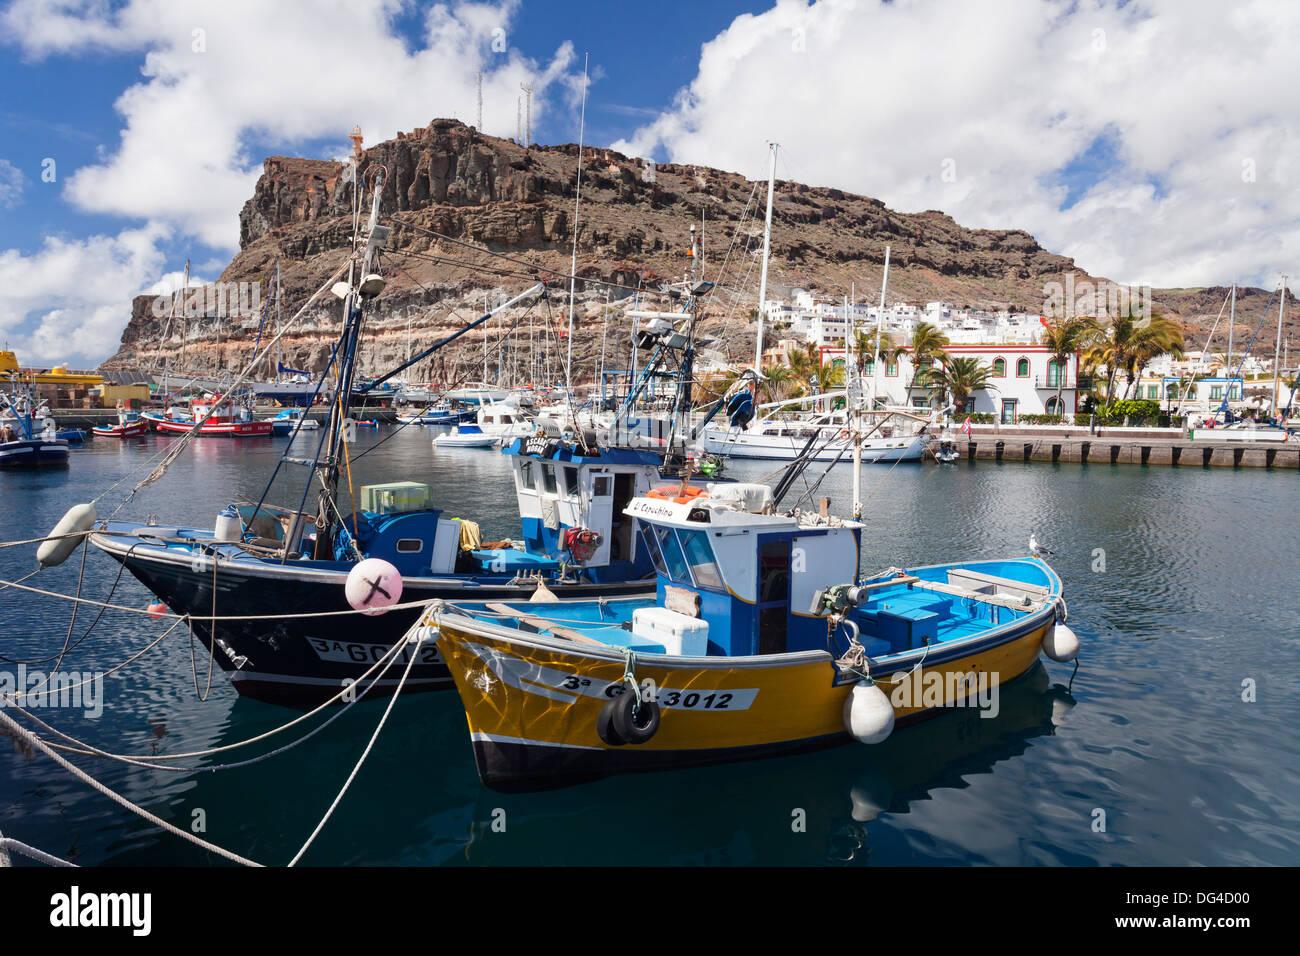 Angelboote/Fischerboote am alten Hafen von Puerto de Mogan, Gran Canaria, Kanarische Inseln, Spanien, Atlantik, Europa Stockbild